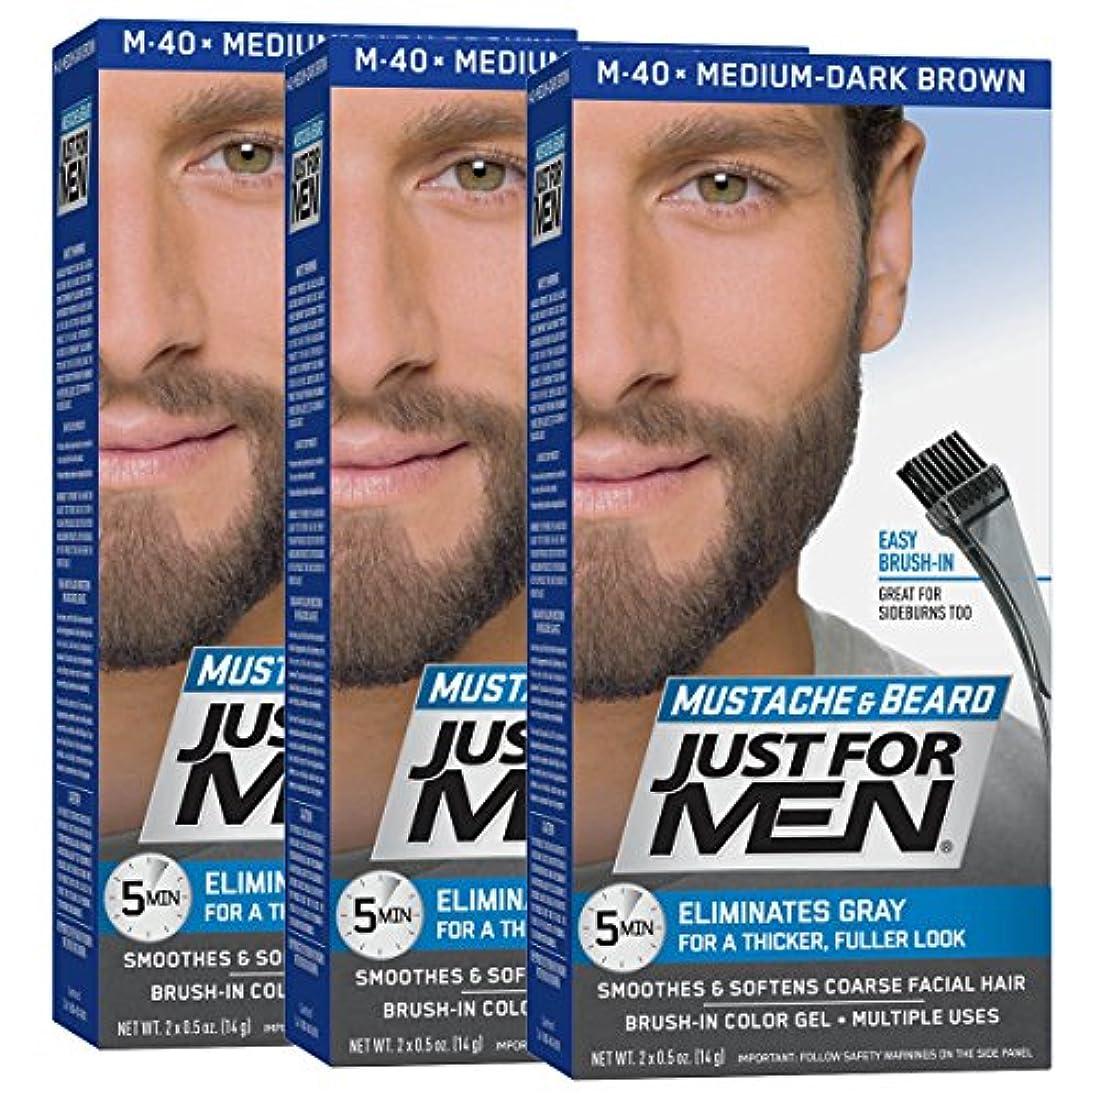 装置混合したホステスJust for Men 口ひげ&髭ブラシ-のカラージェル、ミディアム?ダークブラウン(3パック、パッケージングは??変更になる場合があります) 3 05ミディアム、ダークブラウン